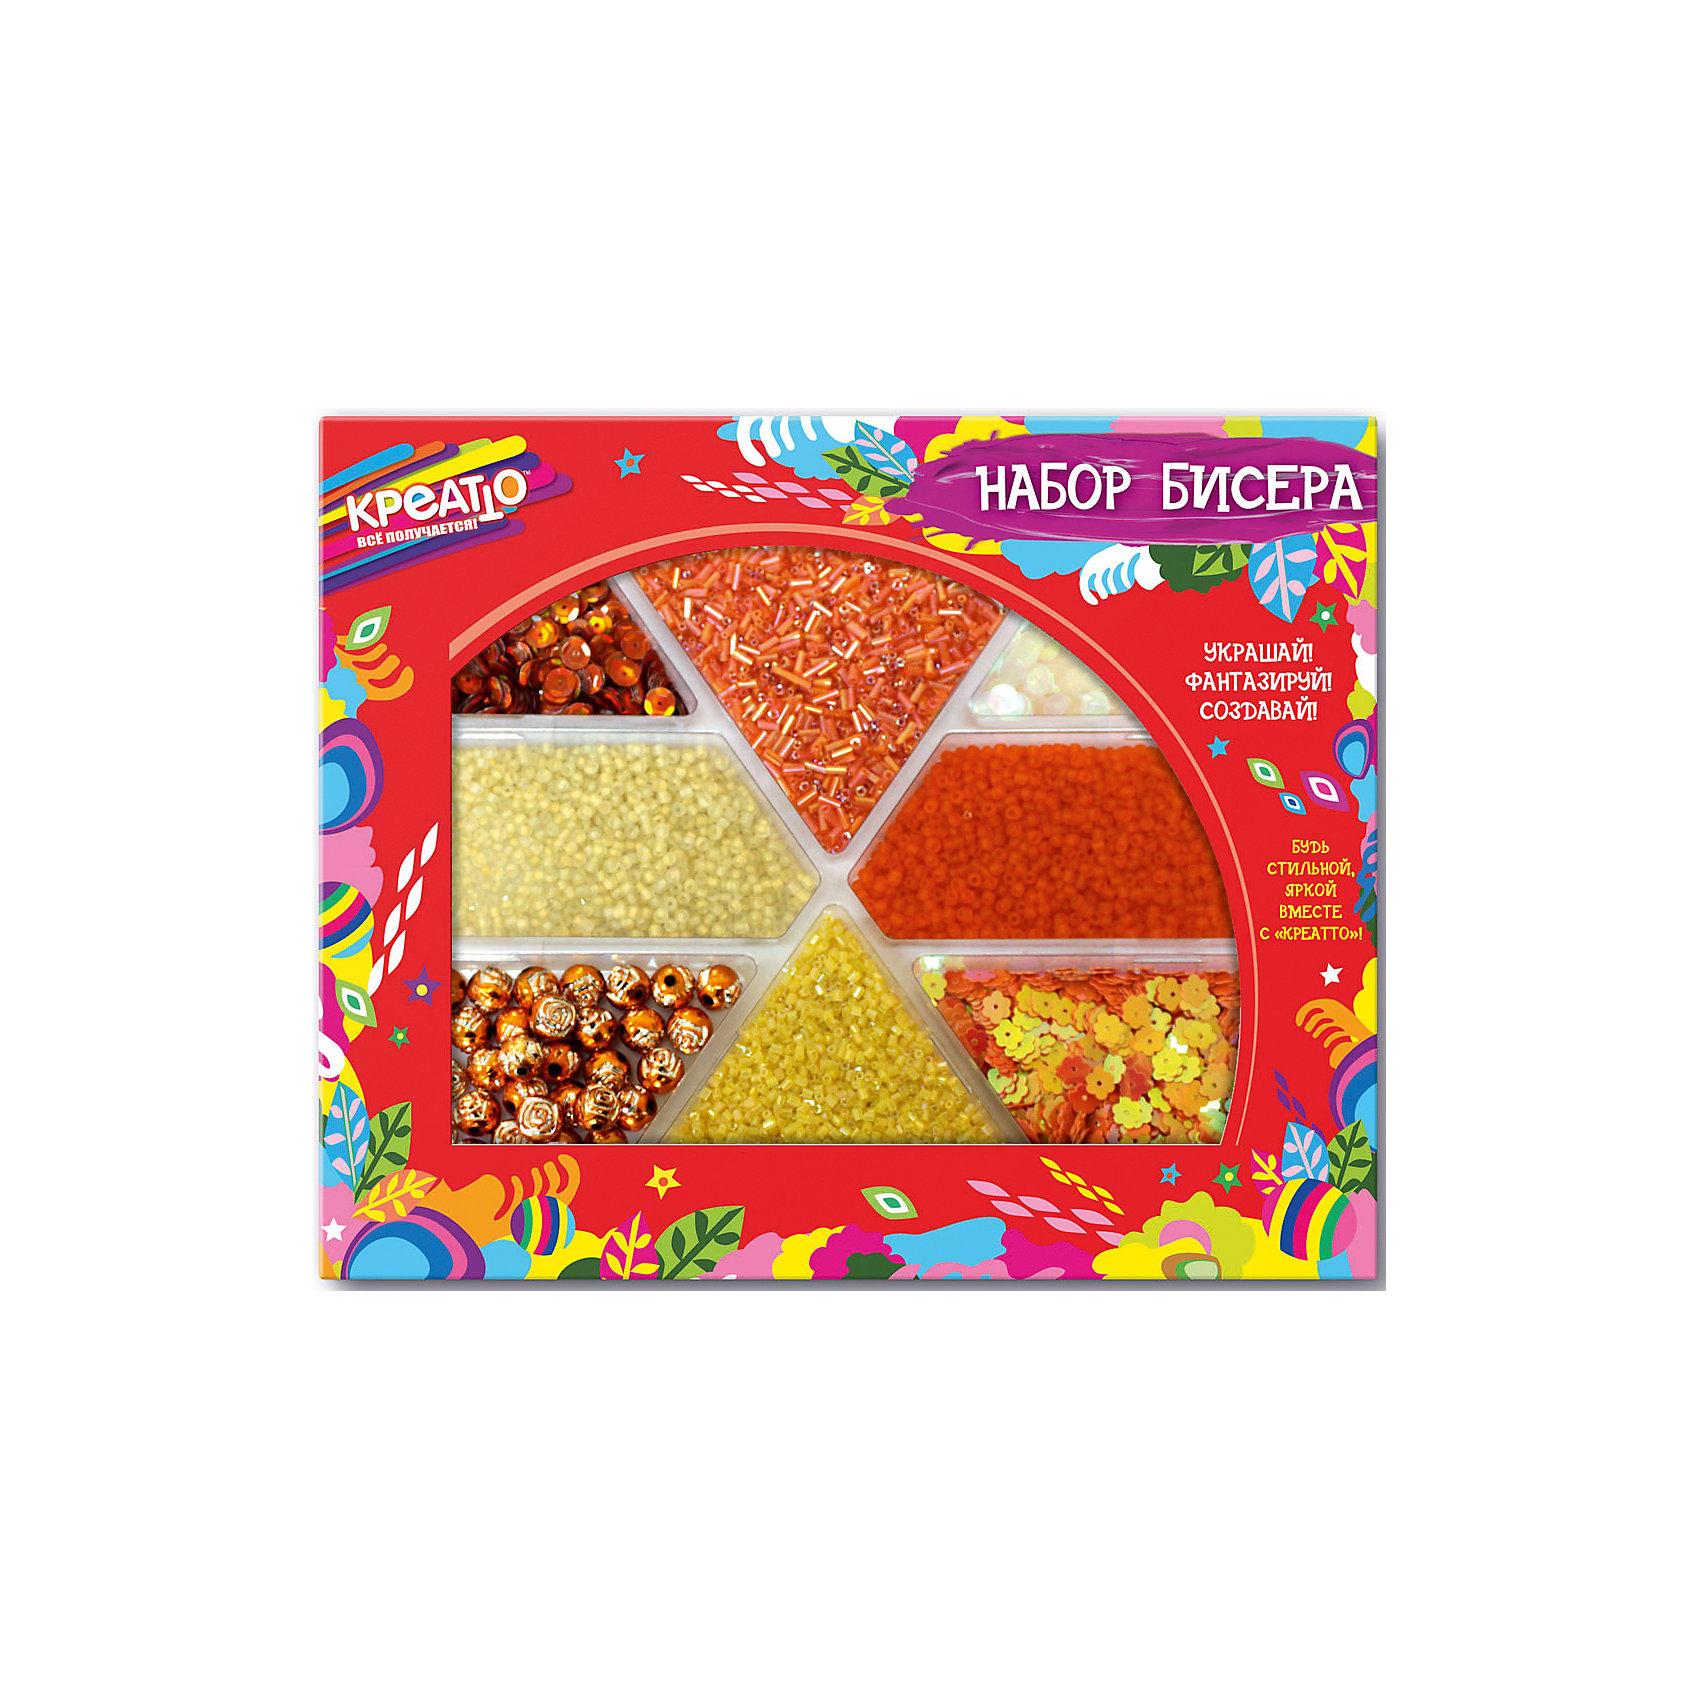 Набор бисера Оранжевое солнце, CreattoНаборы для создания украшений<br>Характеристики:<br>• в комплекте: бисер 8 видов;<br>• материал: пластик, стекло;<br>• возраст: от 6 лет;<br>• размер упаковки: 23,5х19,5х2 см.<br><br>«Оранжевое солнце» - набор для детского творчества. В комплект входят бусины, пайетки и бисер. Воспользовавшись советами на упаковке, девочка сможет украсить свою одежду и создать прекрасные украшения для создания стильного образа.<br><br>Все детали находятся в отдельных коробочках, благодаря чему они не просыпаются.<br><br>Занятия бисероплетением развивают мелкую моторику, воображение и усидчивость.<br><br>Набор бисера Оранжевое солнце, Creatto (Креатто) можно купить в нашем интернет-магазине.<br><br>Ширина мм: 235<br>Глубина мм: 195<br>Высота мм: 20<br>Вес г: 256<br>Возраст от месяцев: 36<br>Возраст до месяцев: 2147483647<br>Пол: Унисекс<br>Возраст: Детский<br>SKU: 5453460